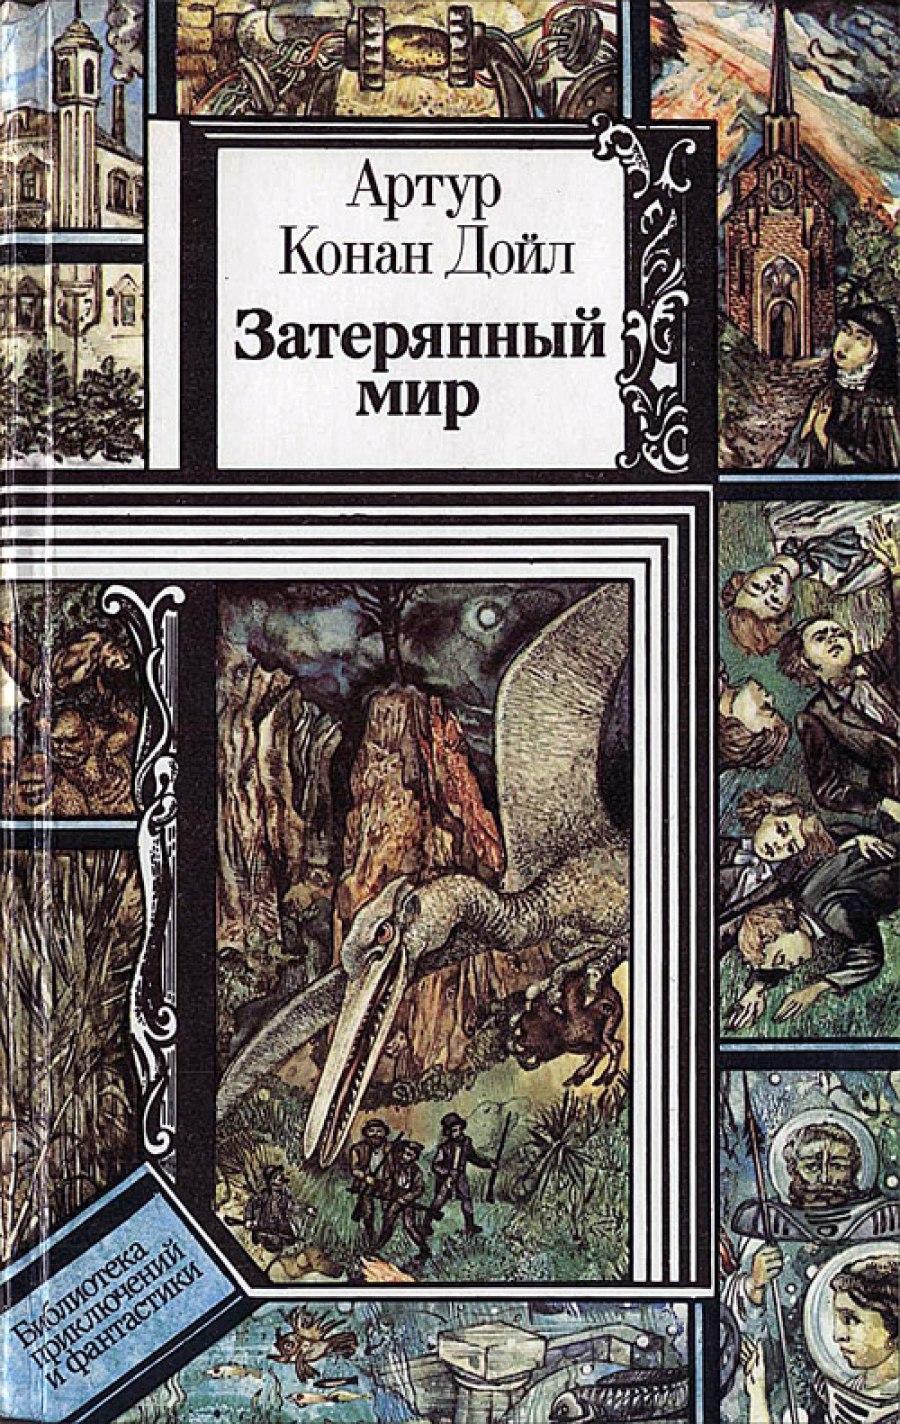 Книга дня: Затерянный мир (Артур Конан Дойль)